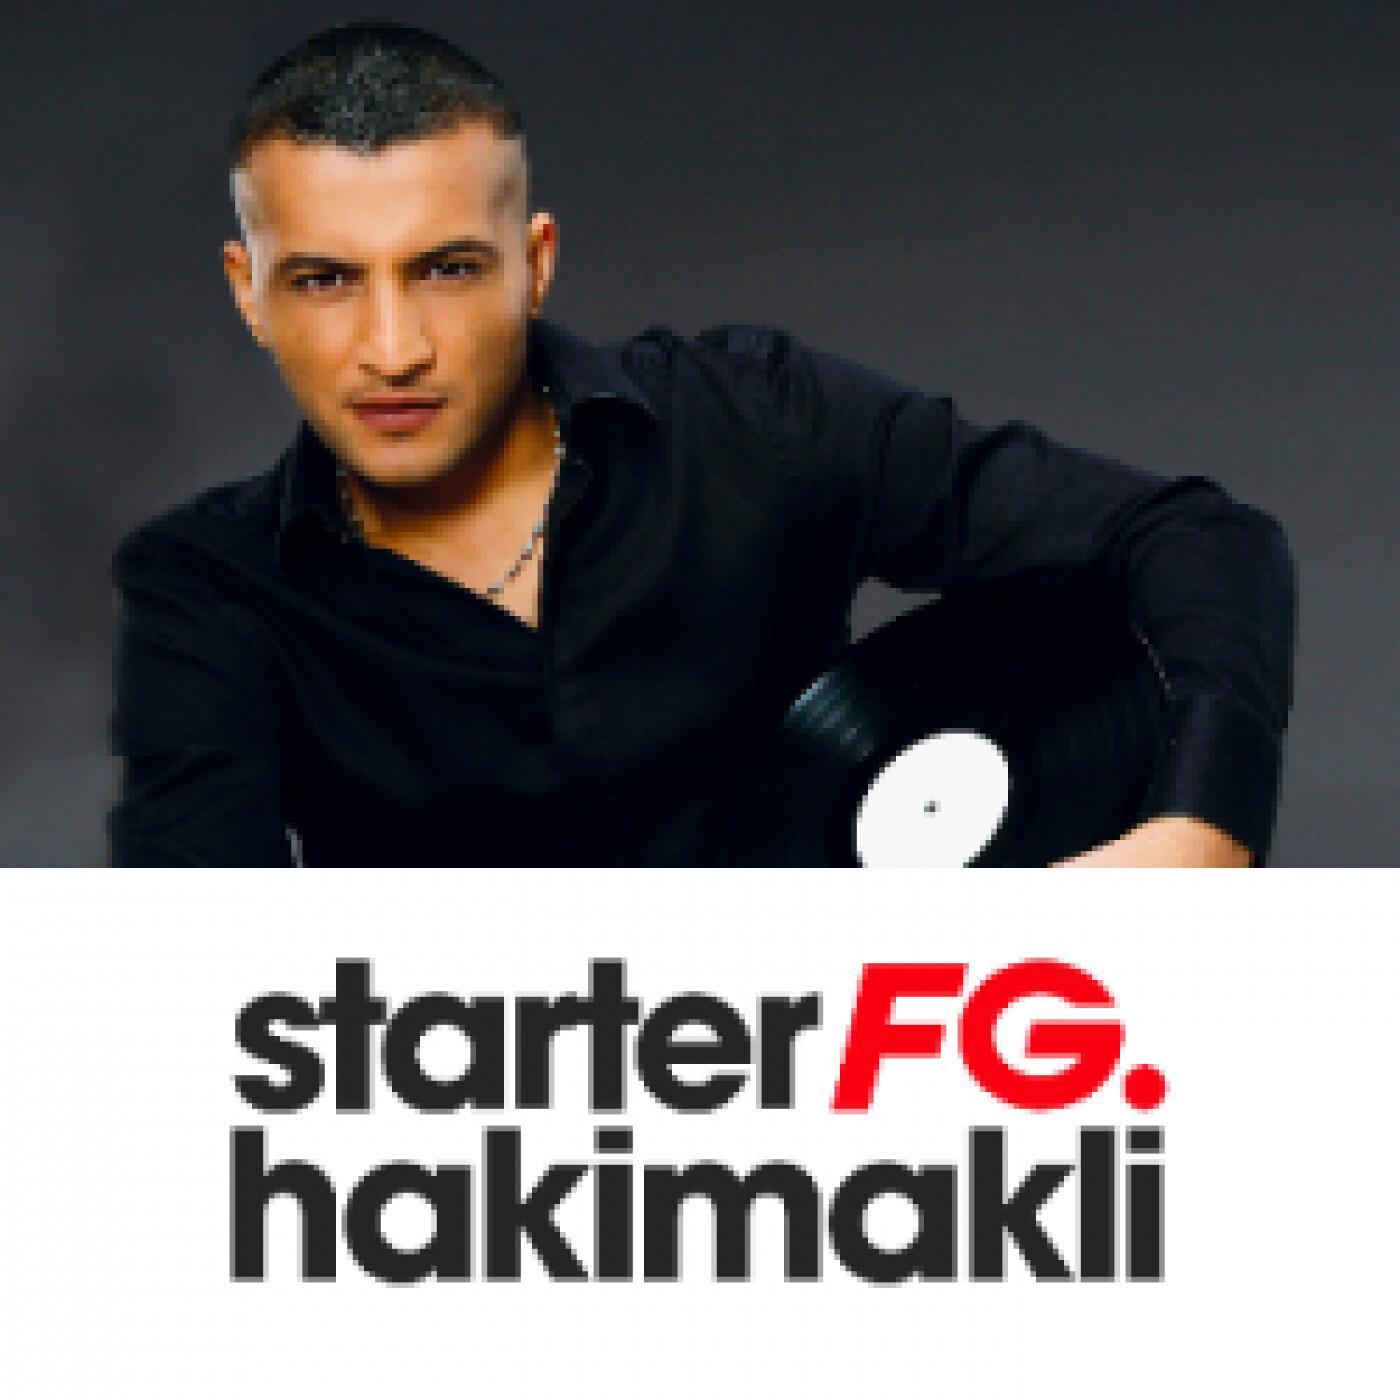 STARTER FG BY HAKIMAKLI MARDI 9 FEVRIER 2021